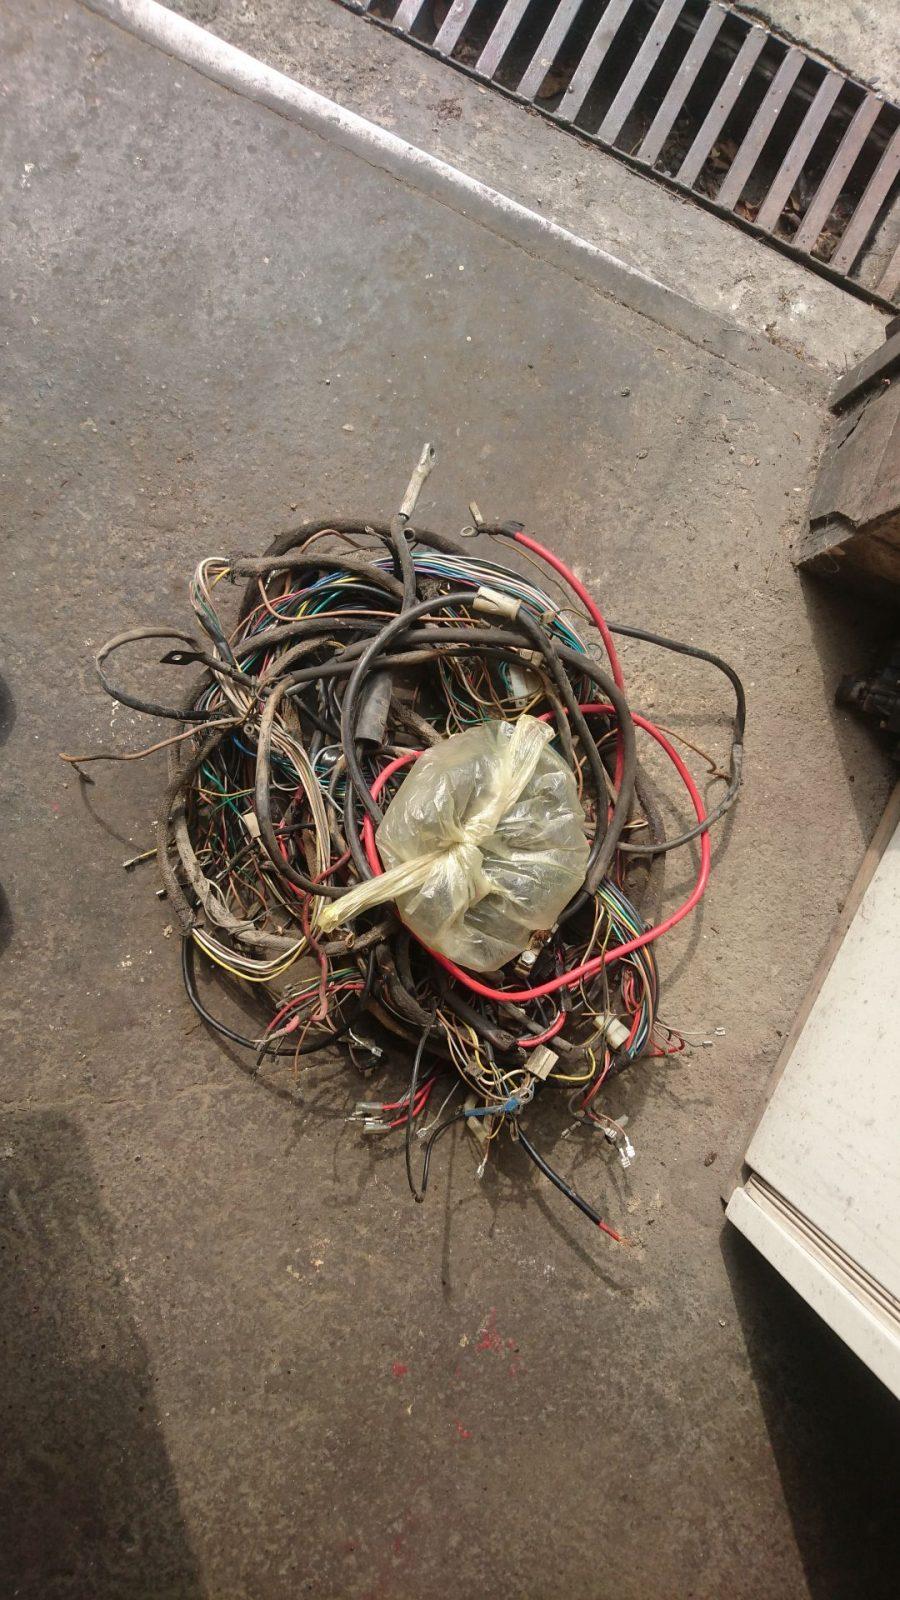 Das sind eine Menge Kabel auf einem Haufen.